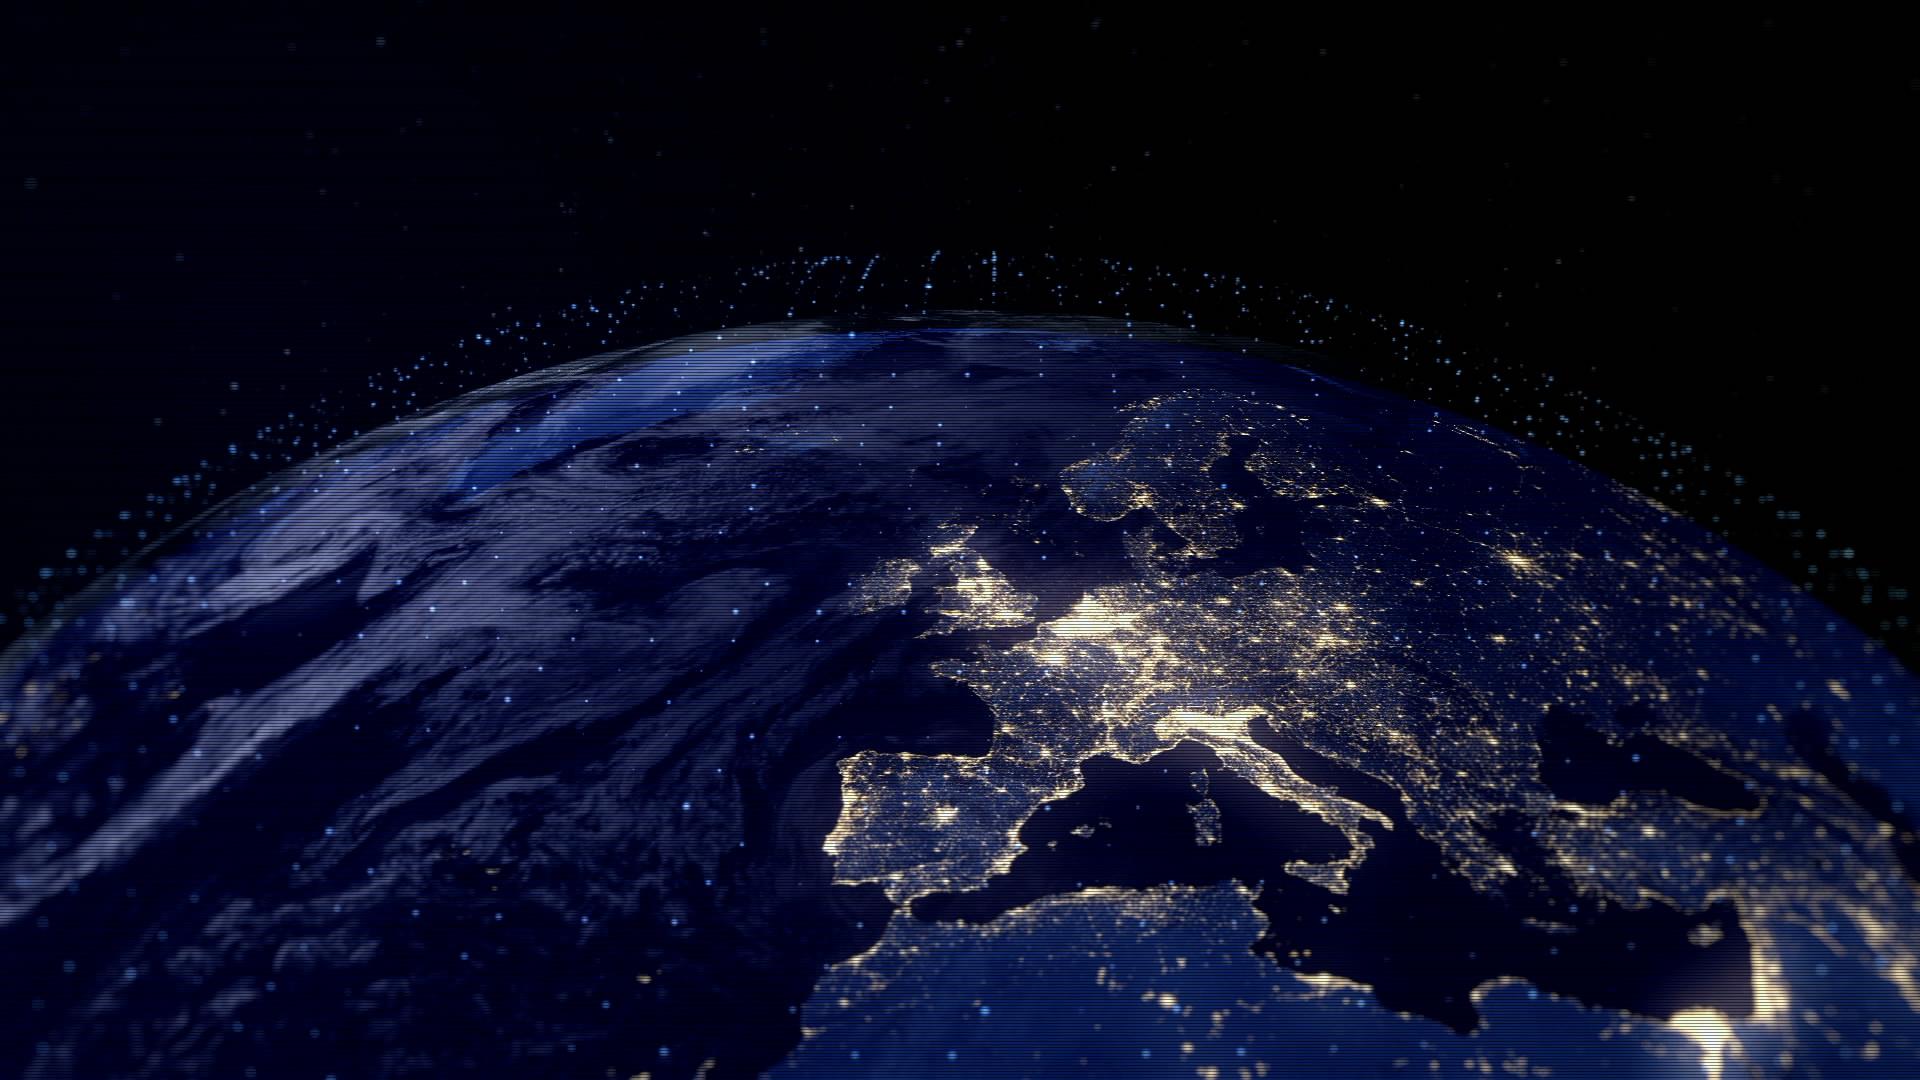 科技感地球旋转大屏幕循环动态背景视频素材